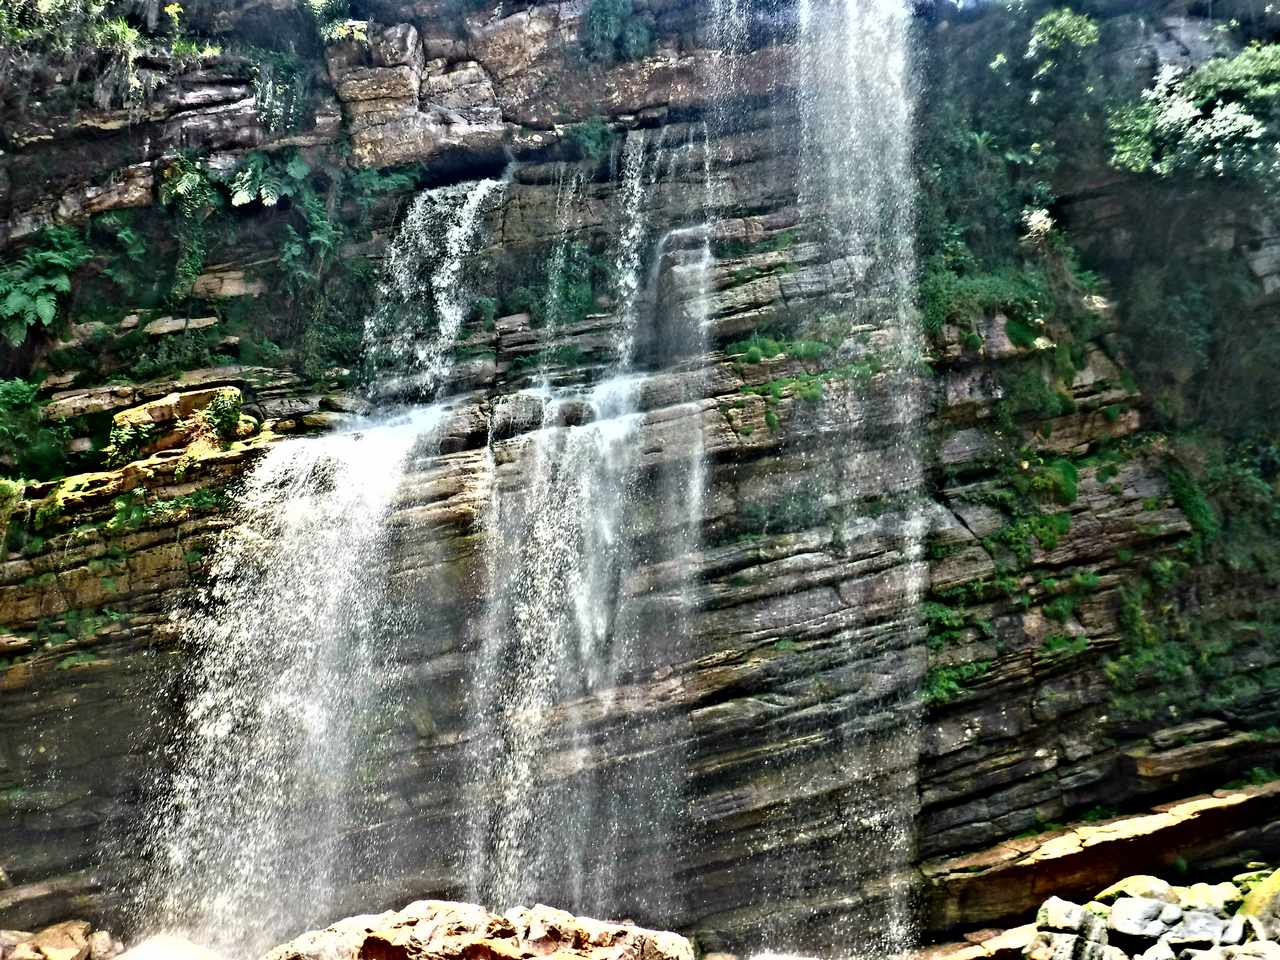 Cachoeira da Capivarí, Chapada Diamantina, Bahia, Brazil (7)